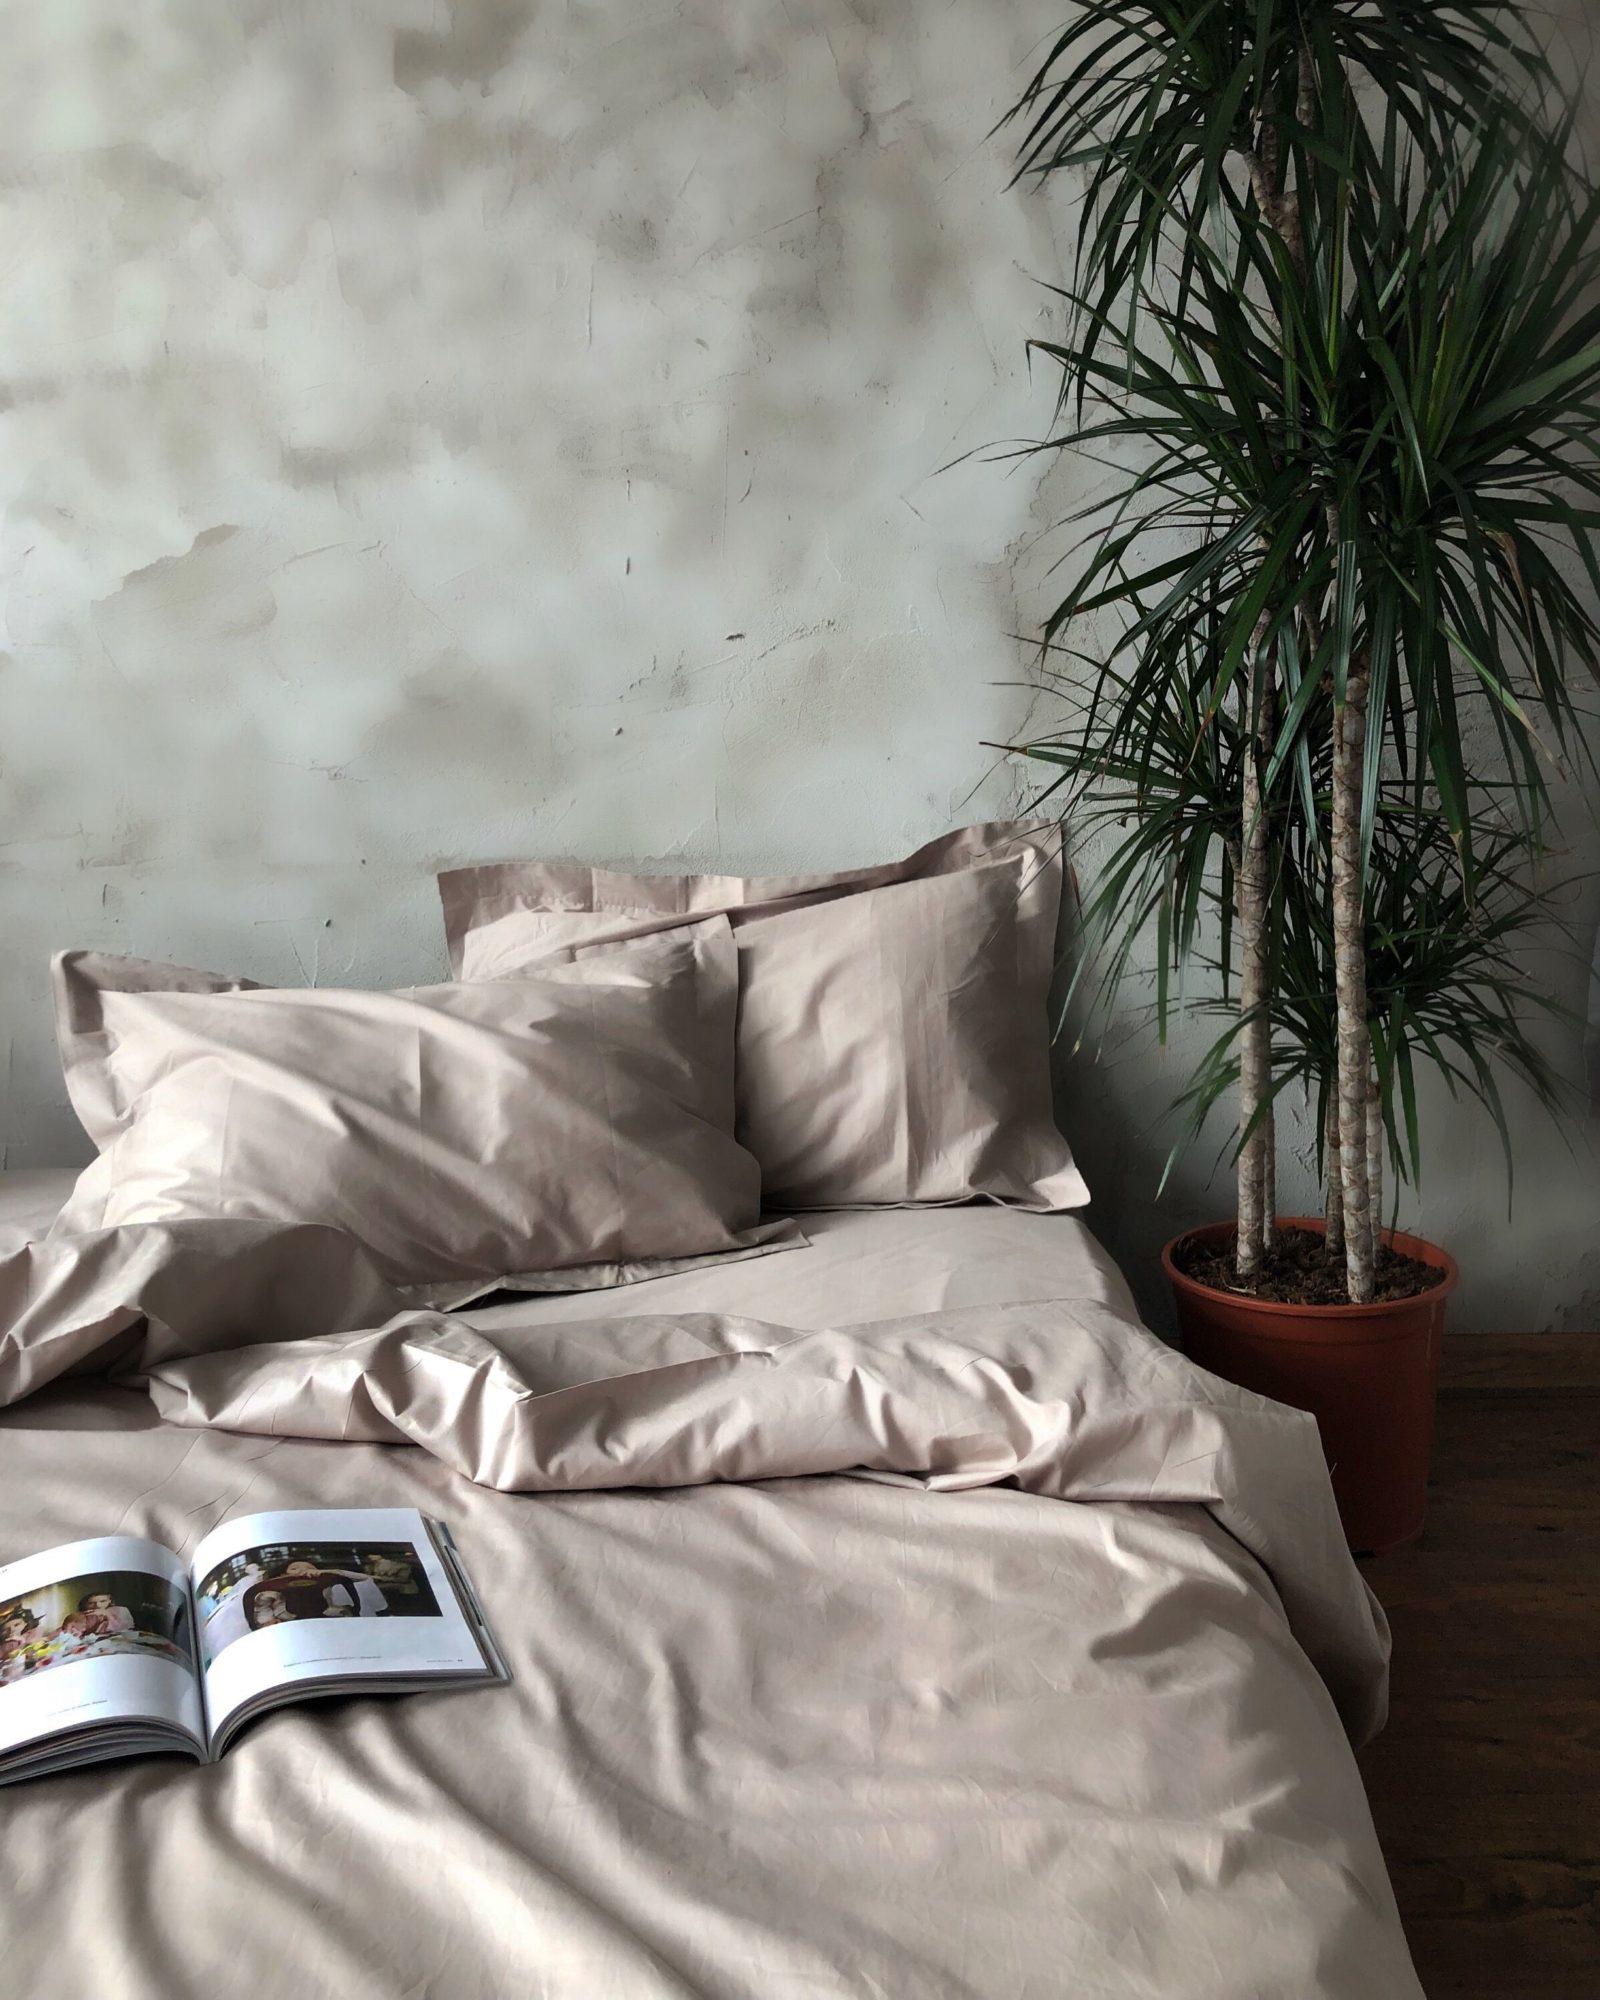 У каждого должен быть хотя бы один качественный комплект постельного белья